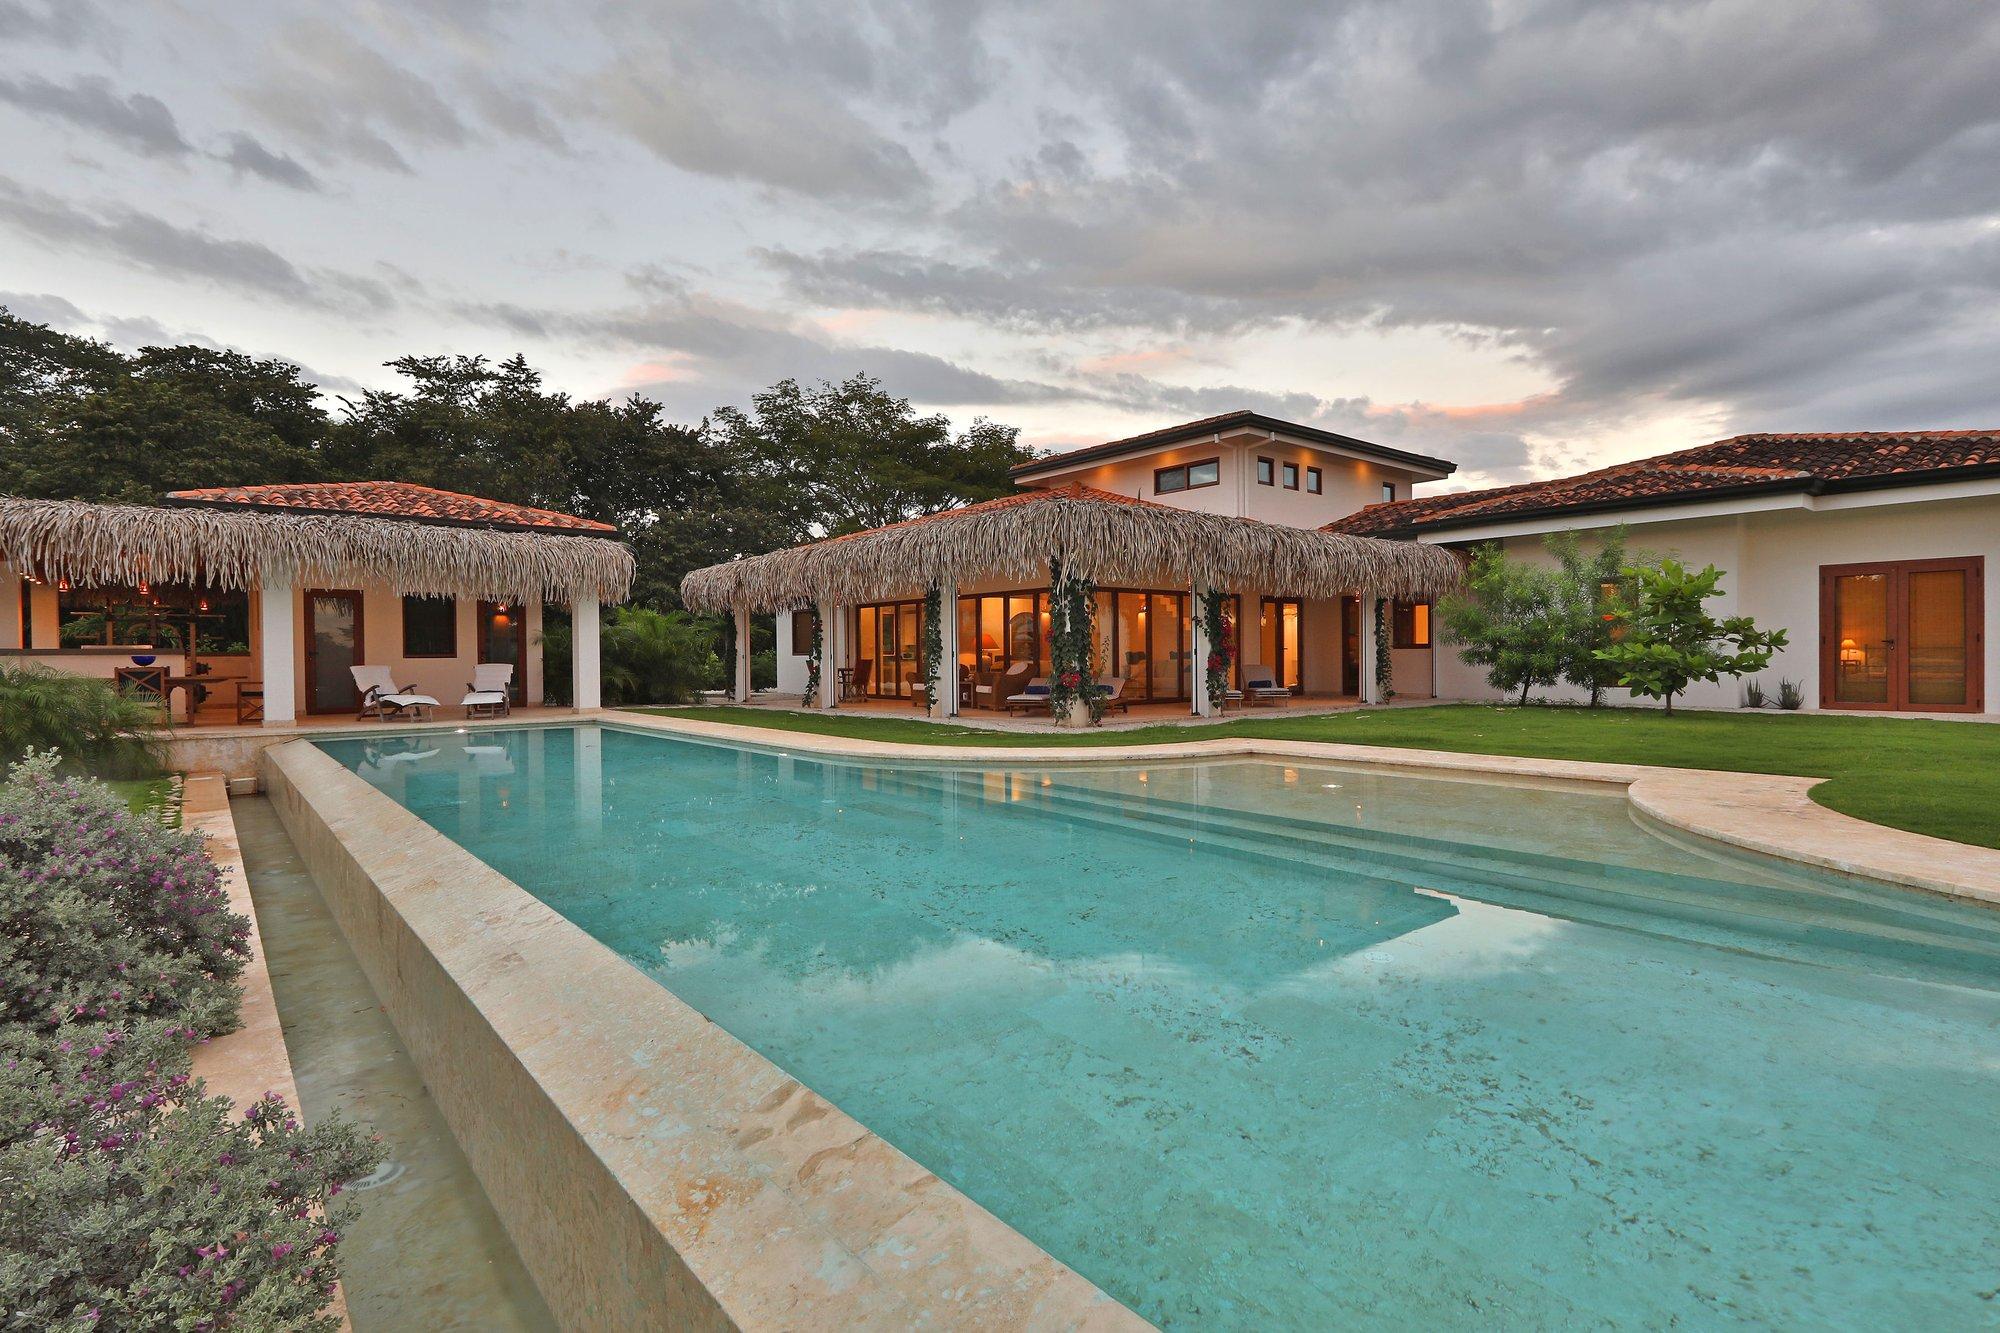 Villa in Tamarindo, Guanacaste Province, Costa Rica 1 - 10577425